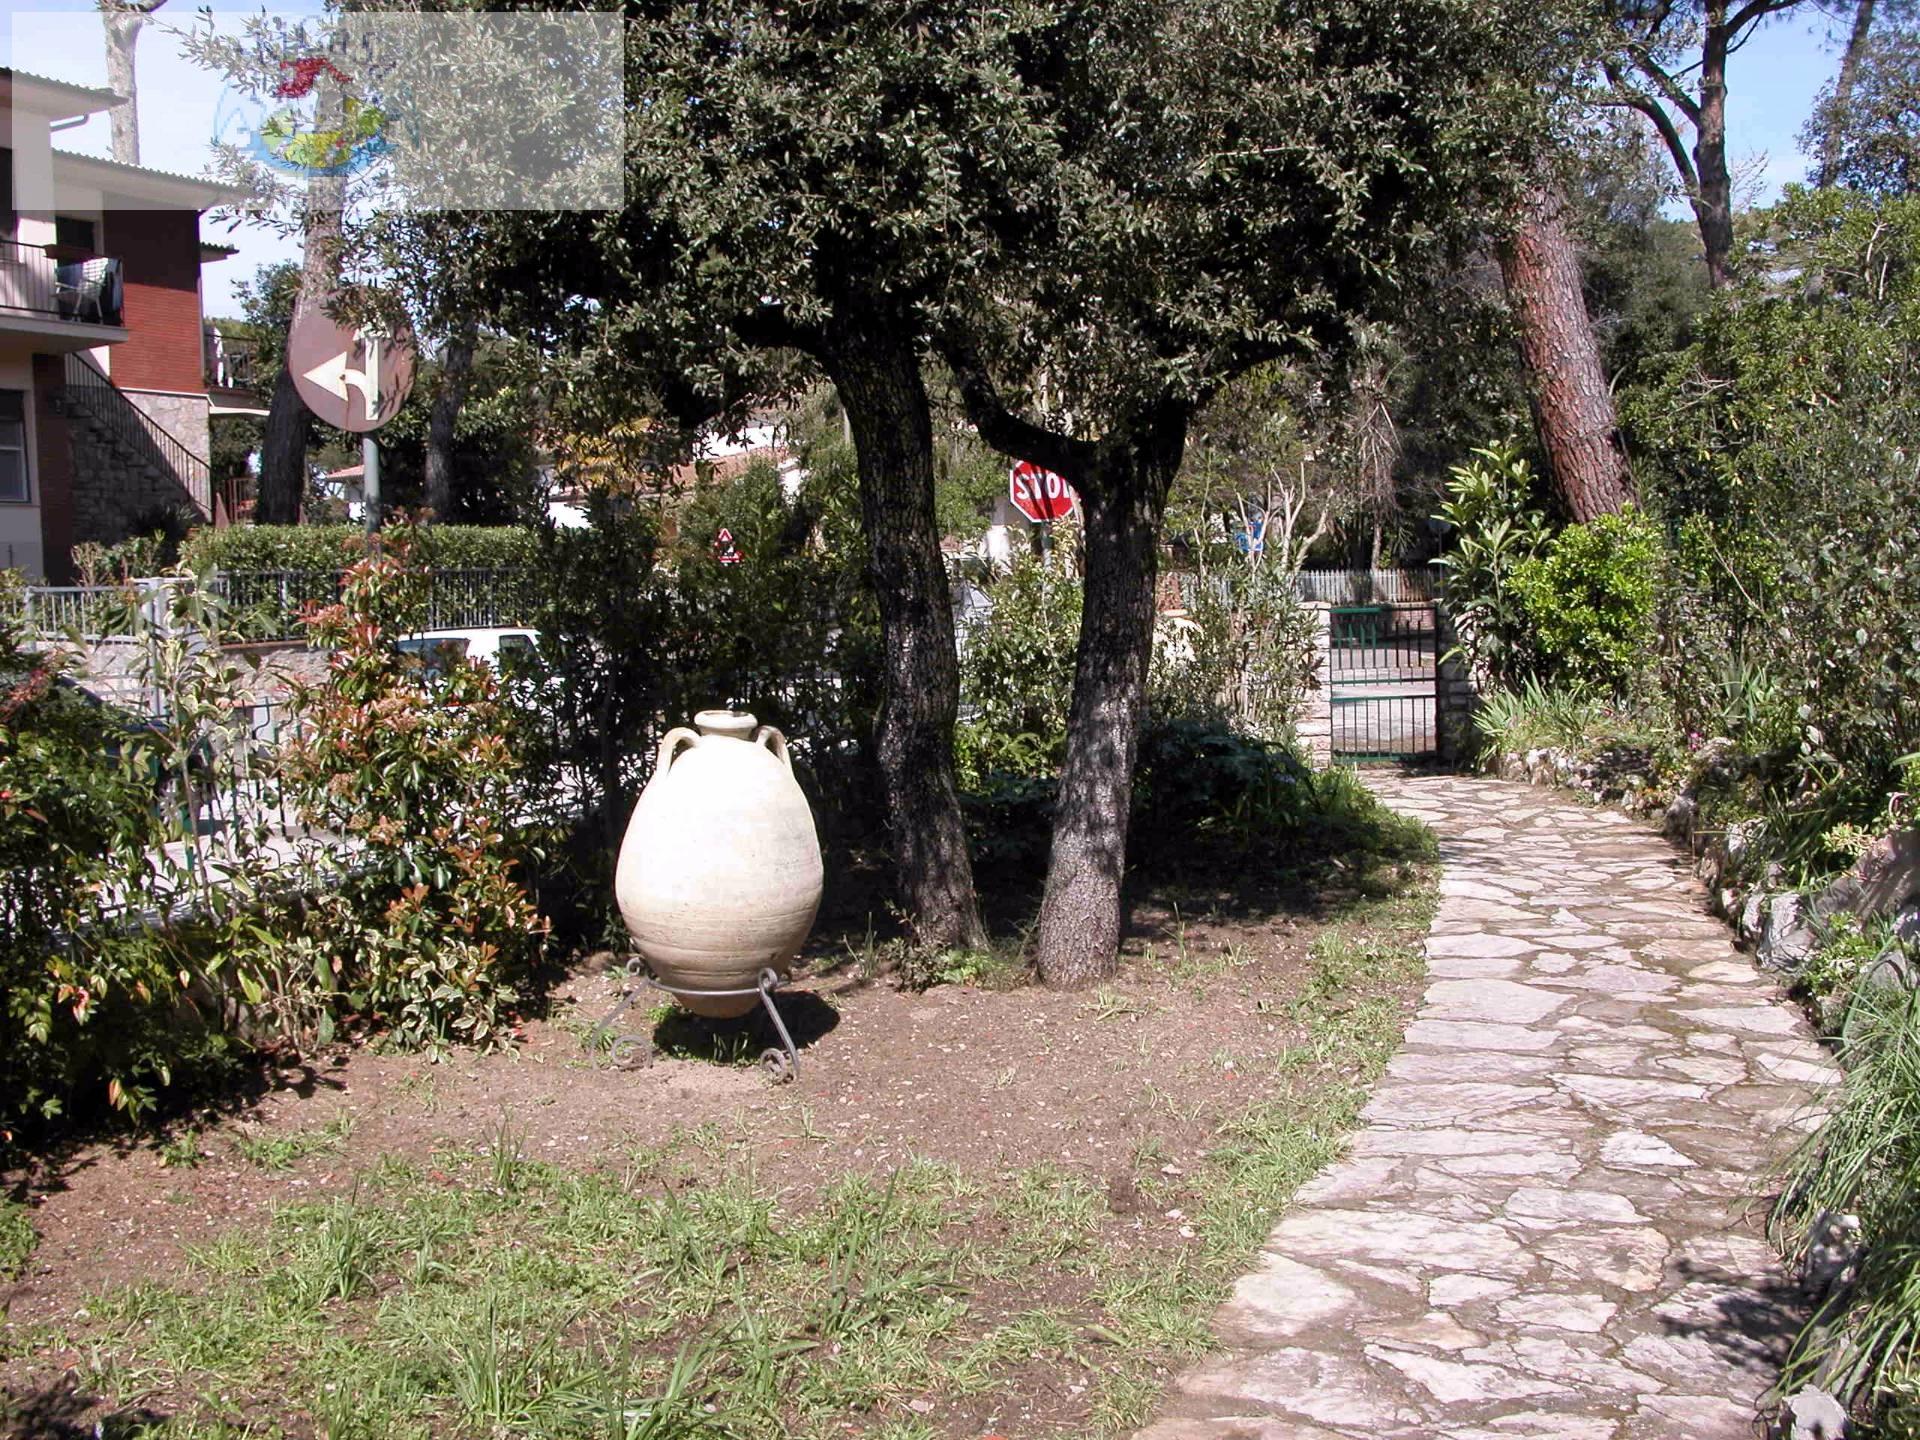 Villa in affitto a Pisa, 5 locali, zona Zona: Tirrenia, prezzo € 1.200 | CambioCasa.it